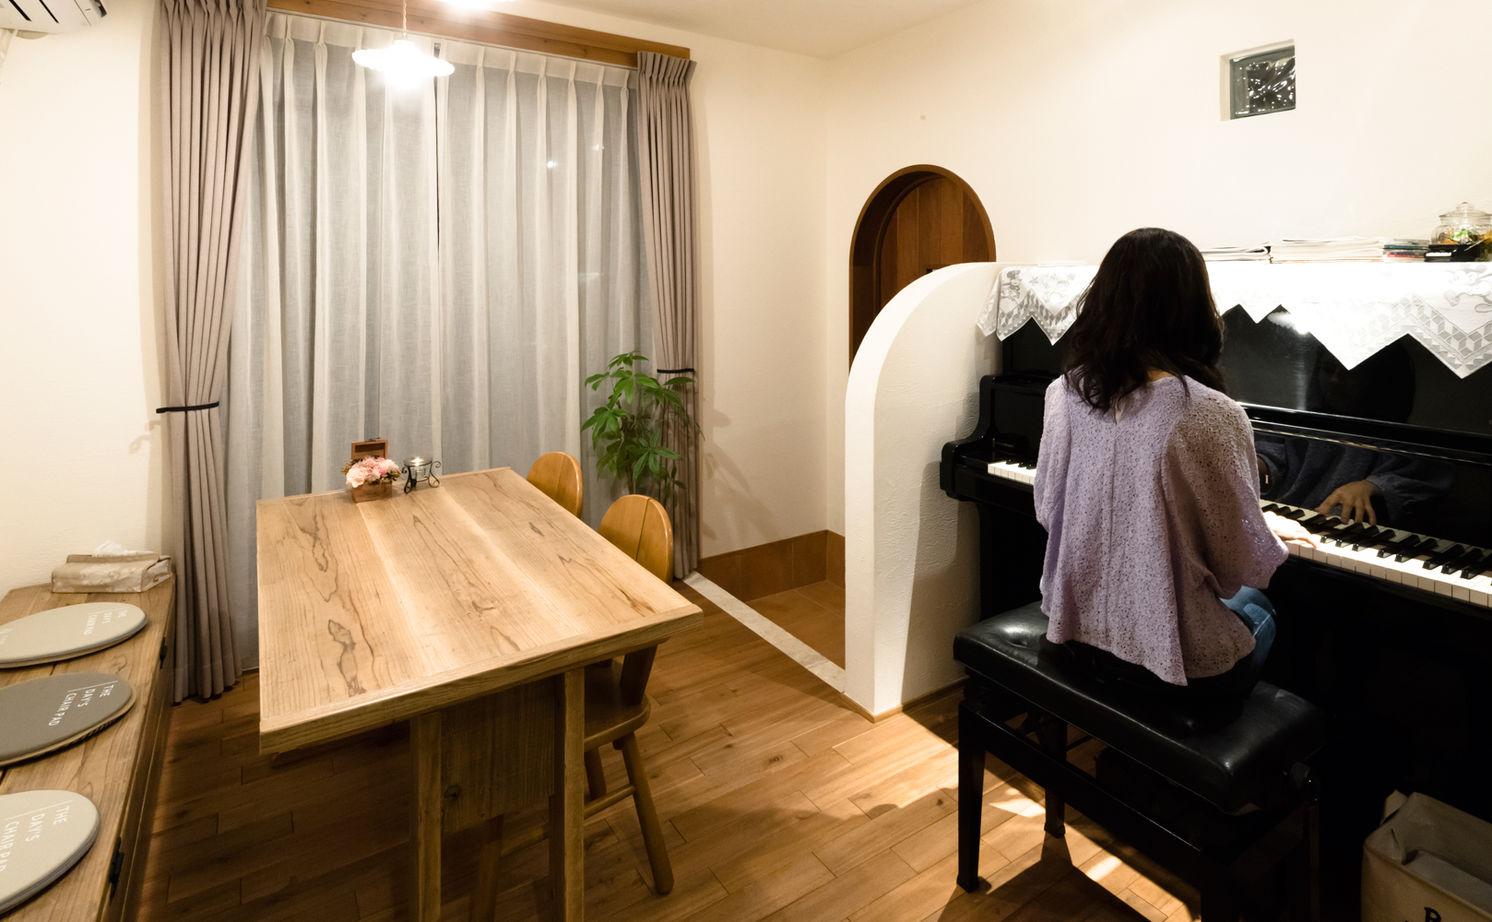 【高槻市×ロッジア×二人暮らし】夫婦二人の暮らしにちょうど良い広さ、間取り、設備を備えたお洒落な家画像3